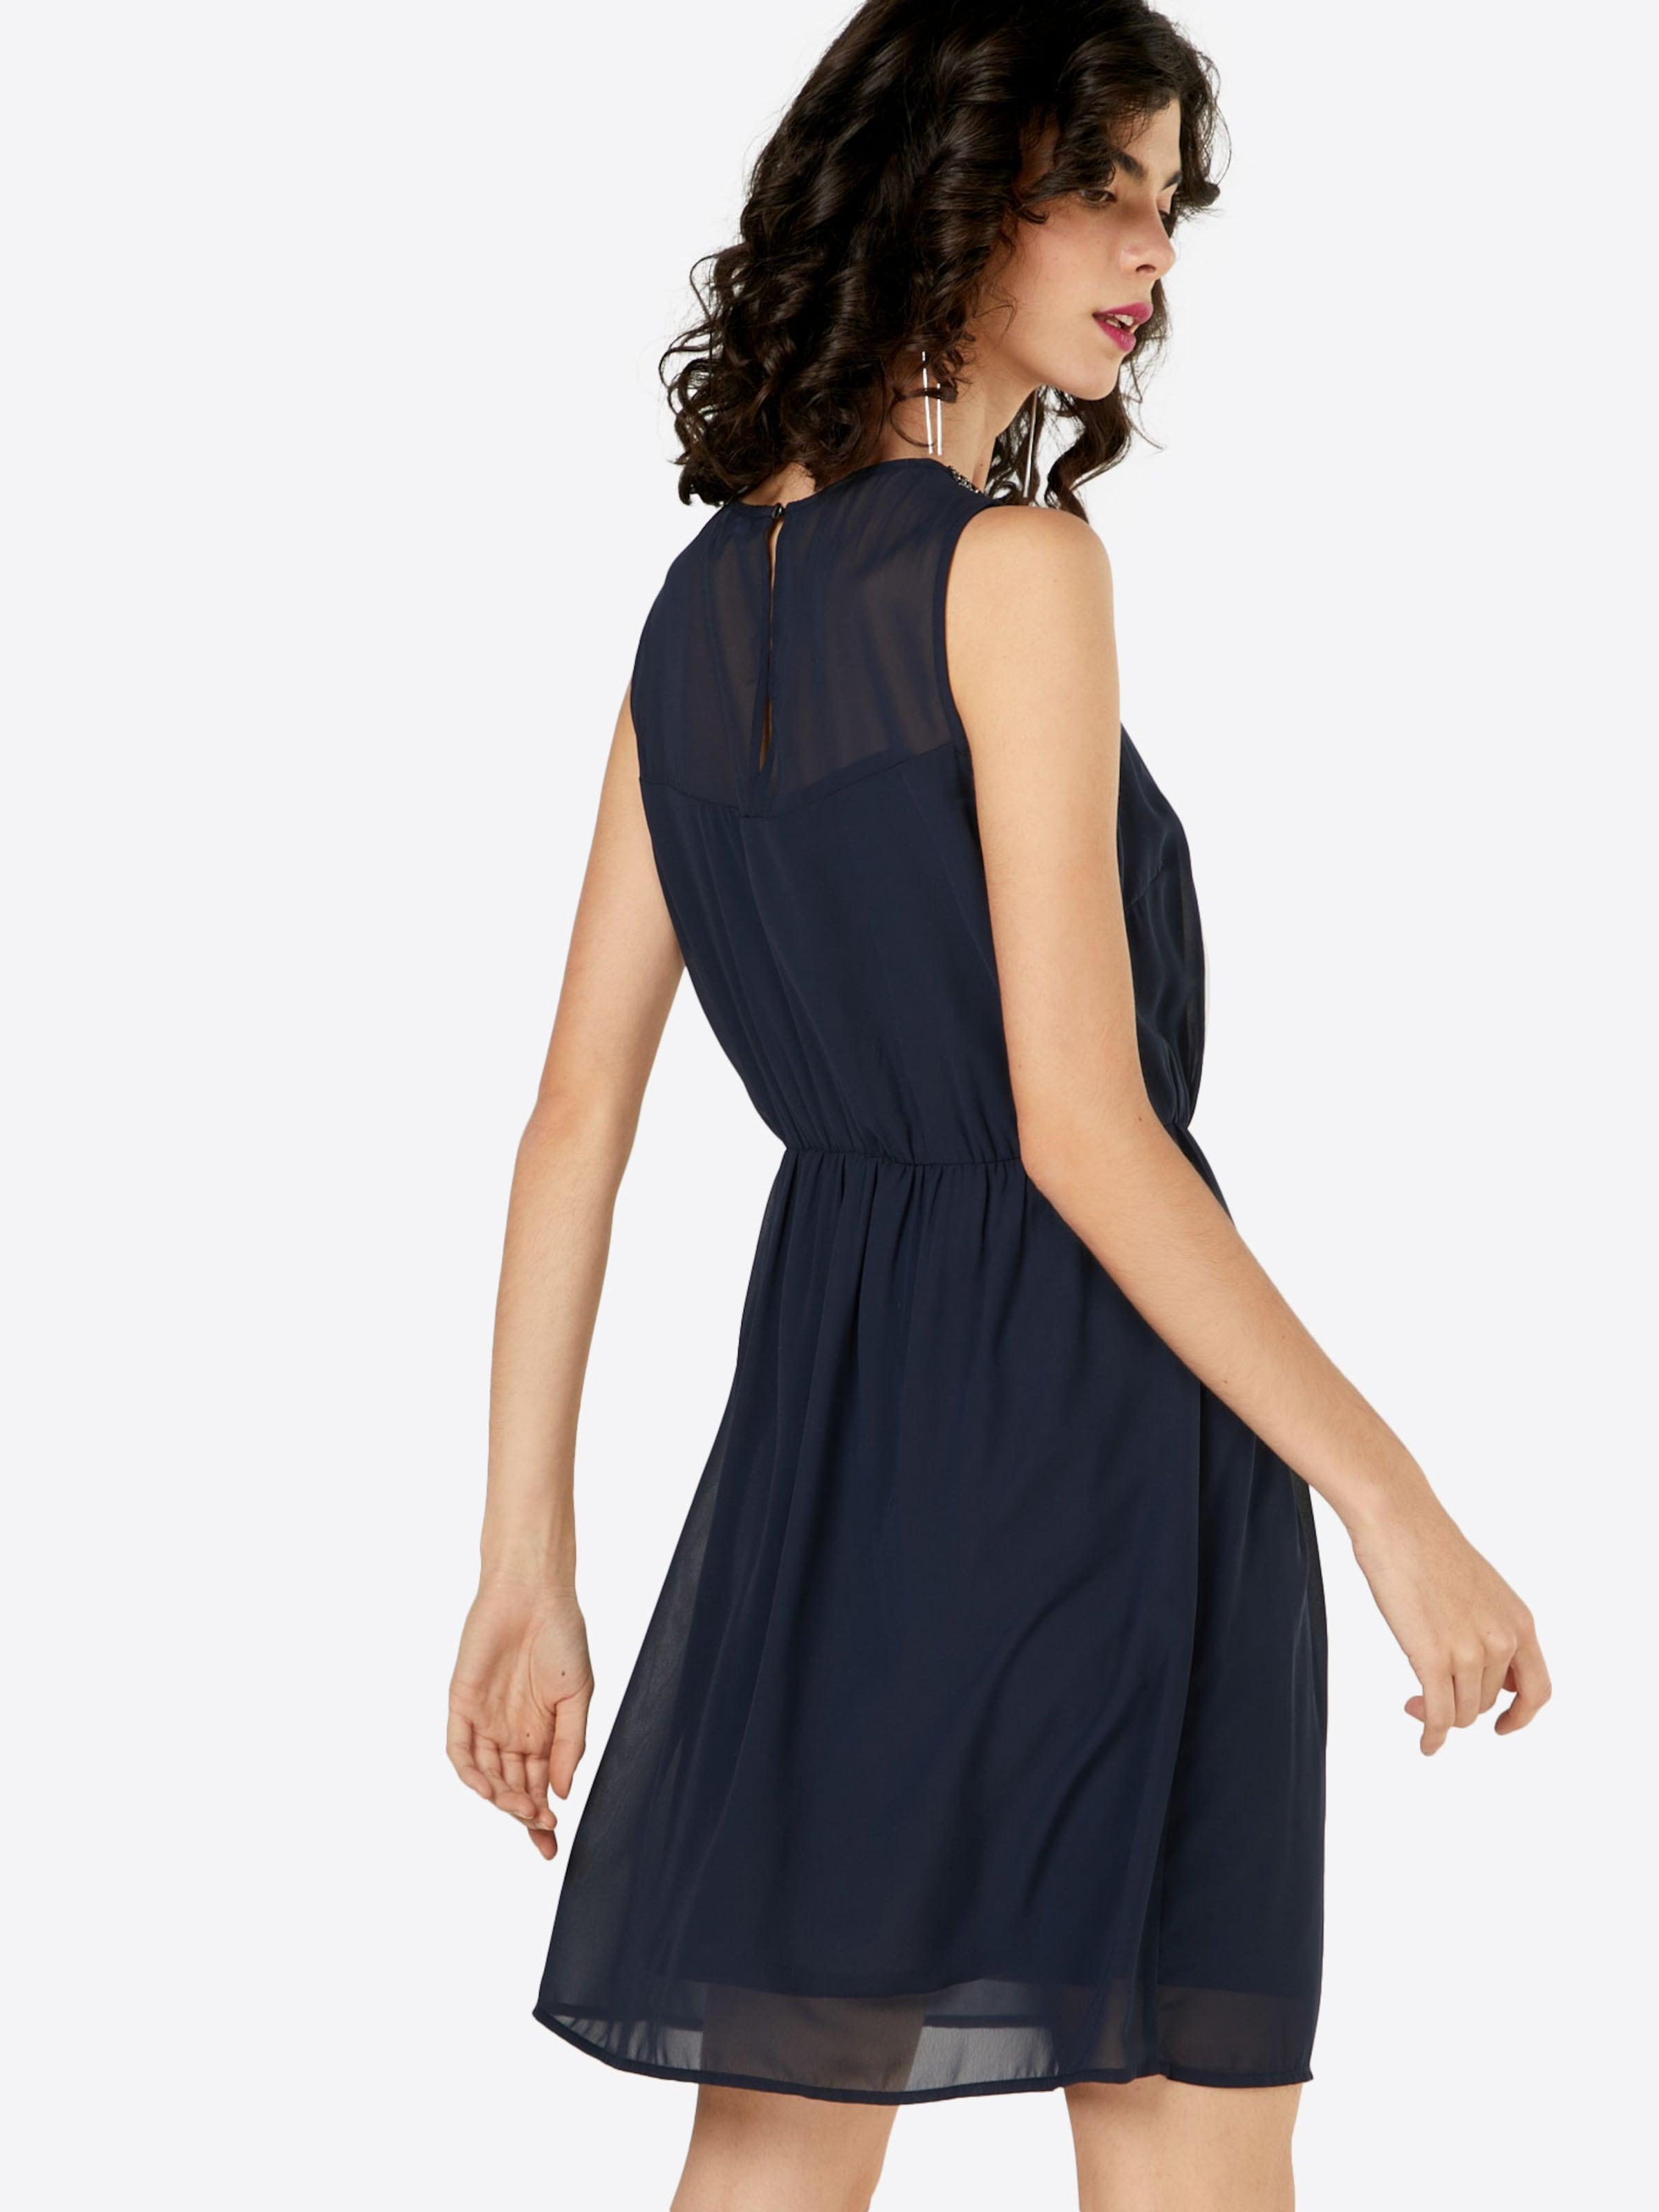 VERO MODA Kleid Freies Verschiffen Manchester Großer Verkauf Rabatt Billigsten Großhandelspreis Günstiger Preis Neueste Online-Verkauf mQGVt